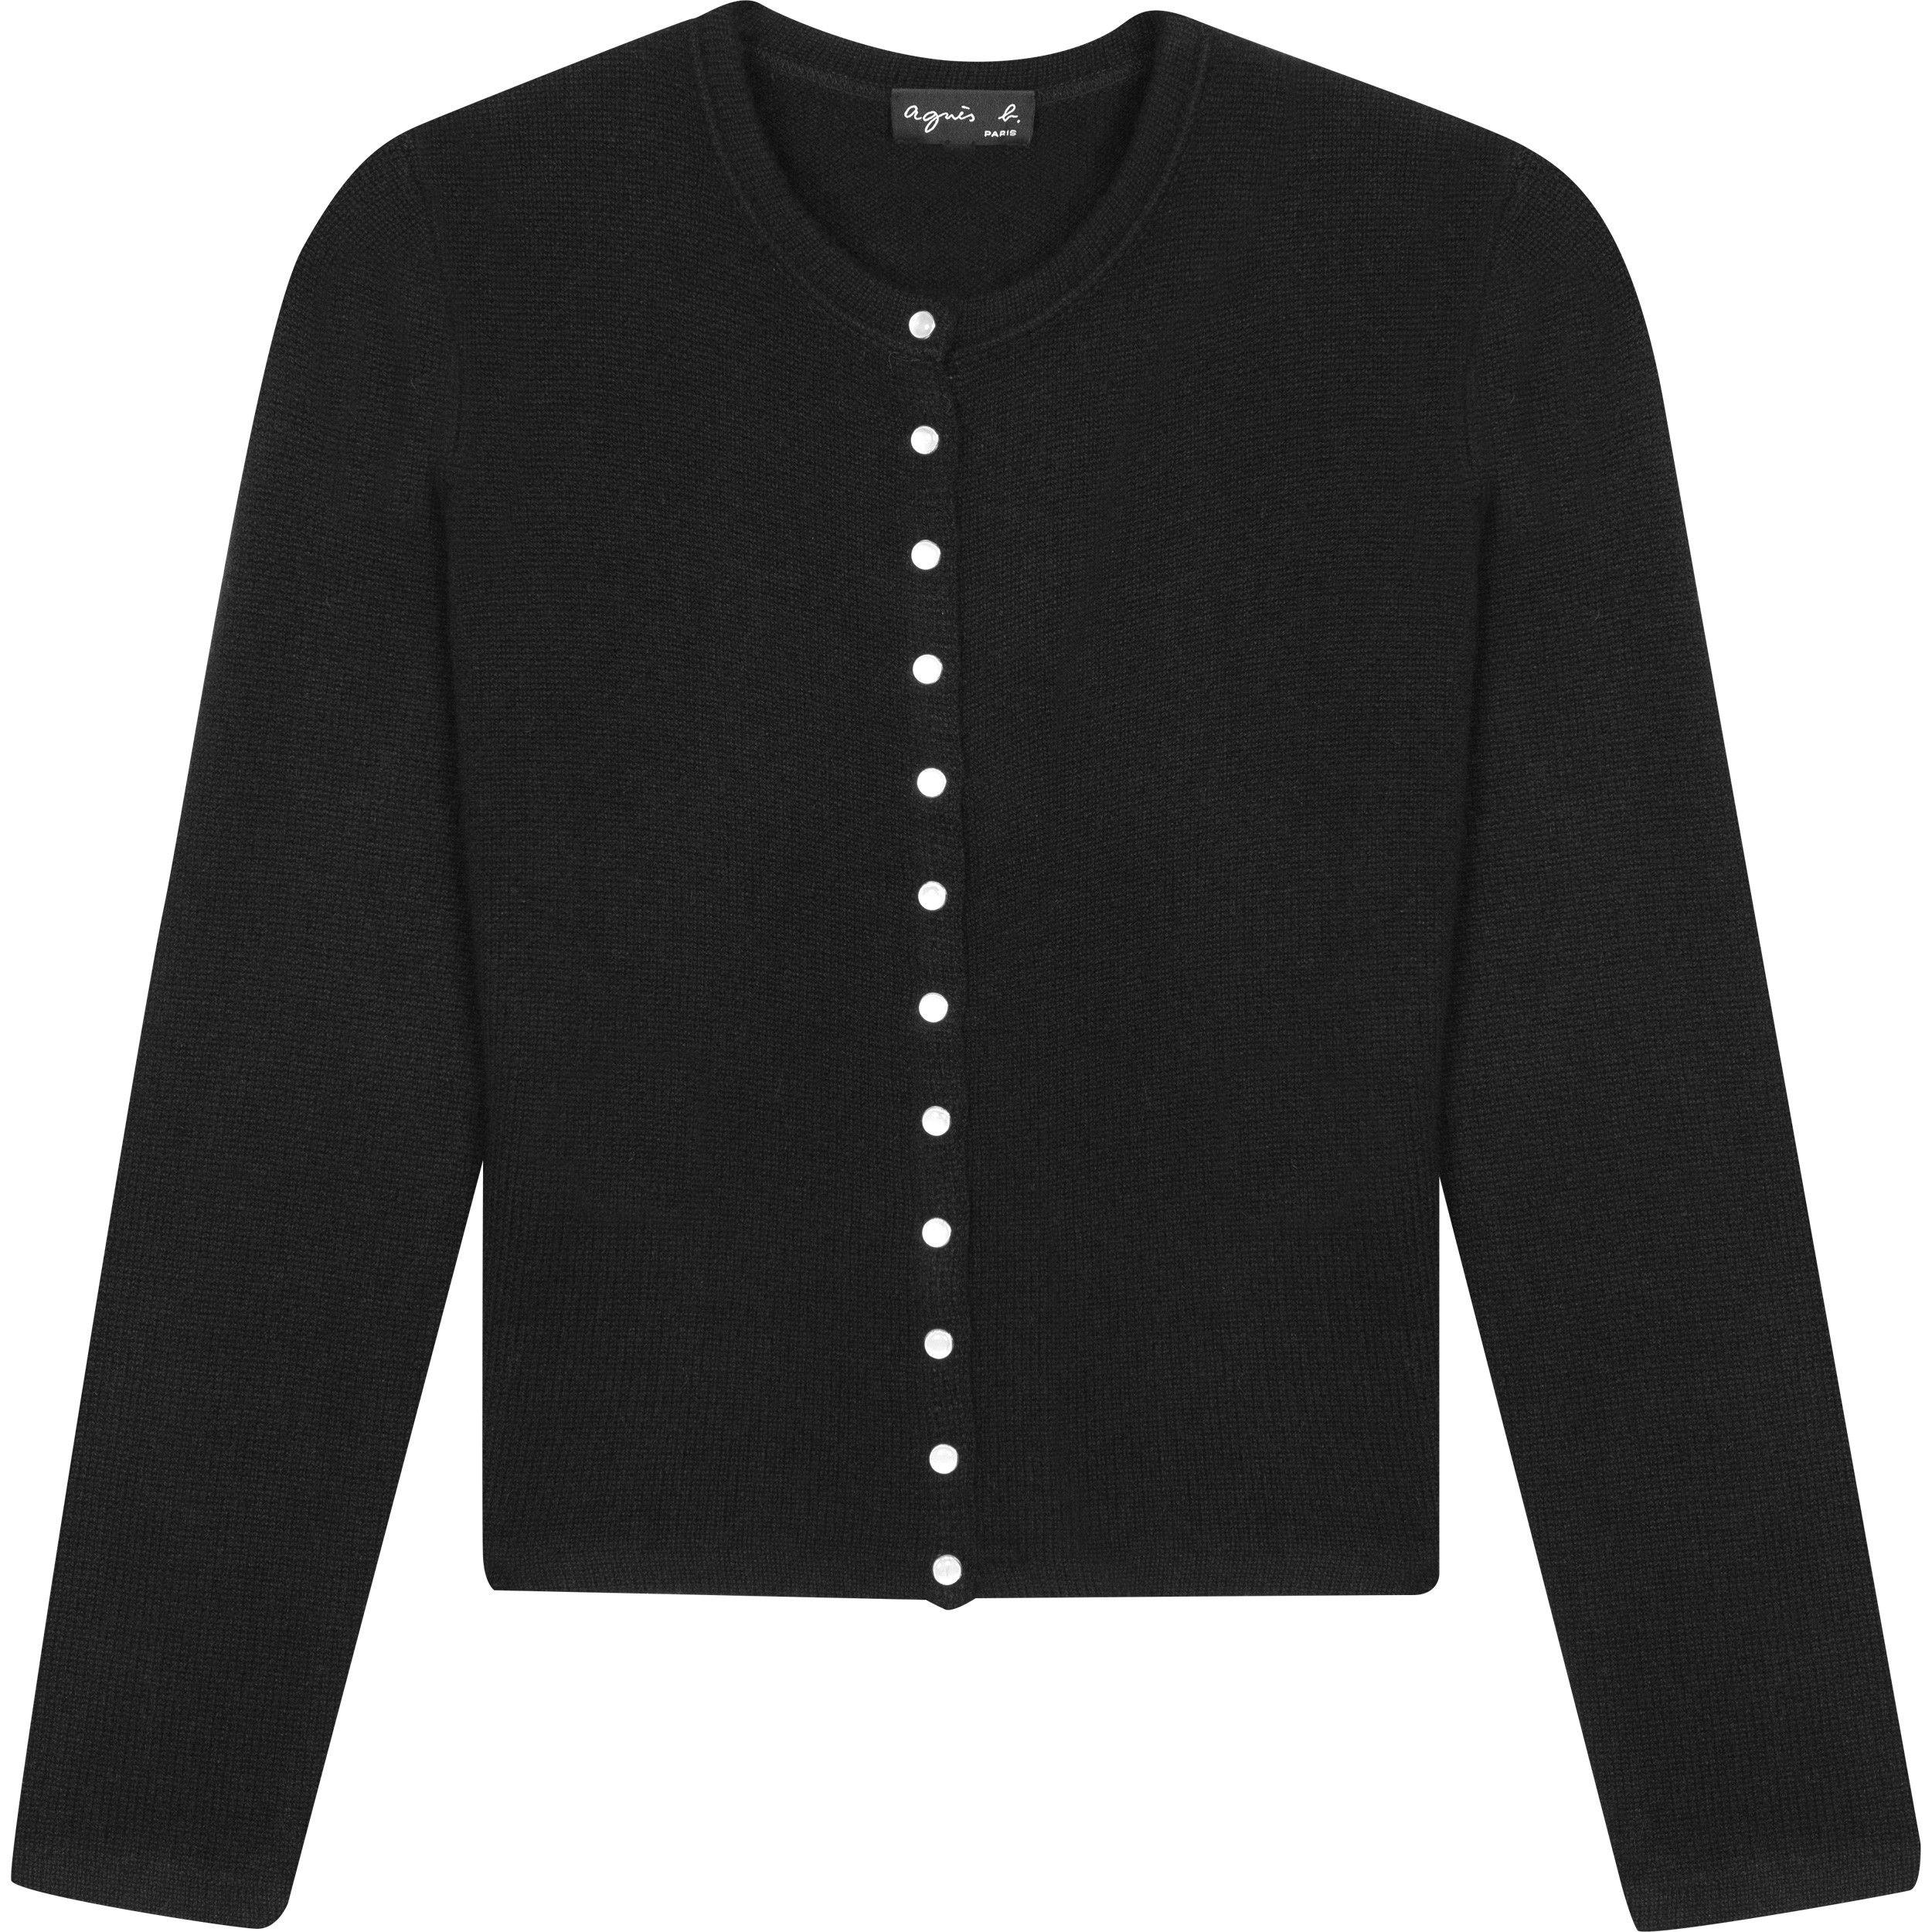 black cashmere cardigan | agnès b. - UK Boutique | Cardigans For ...